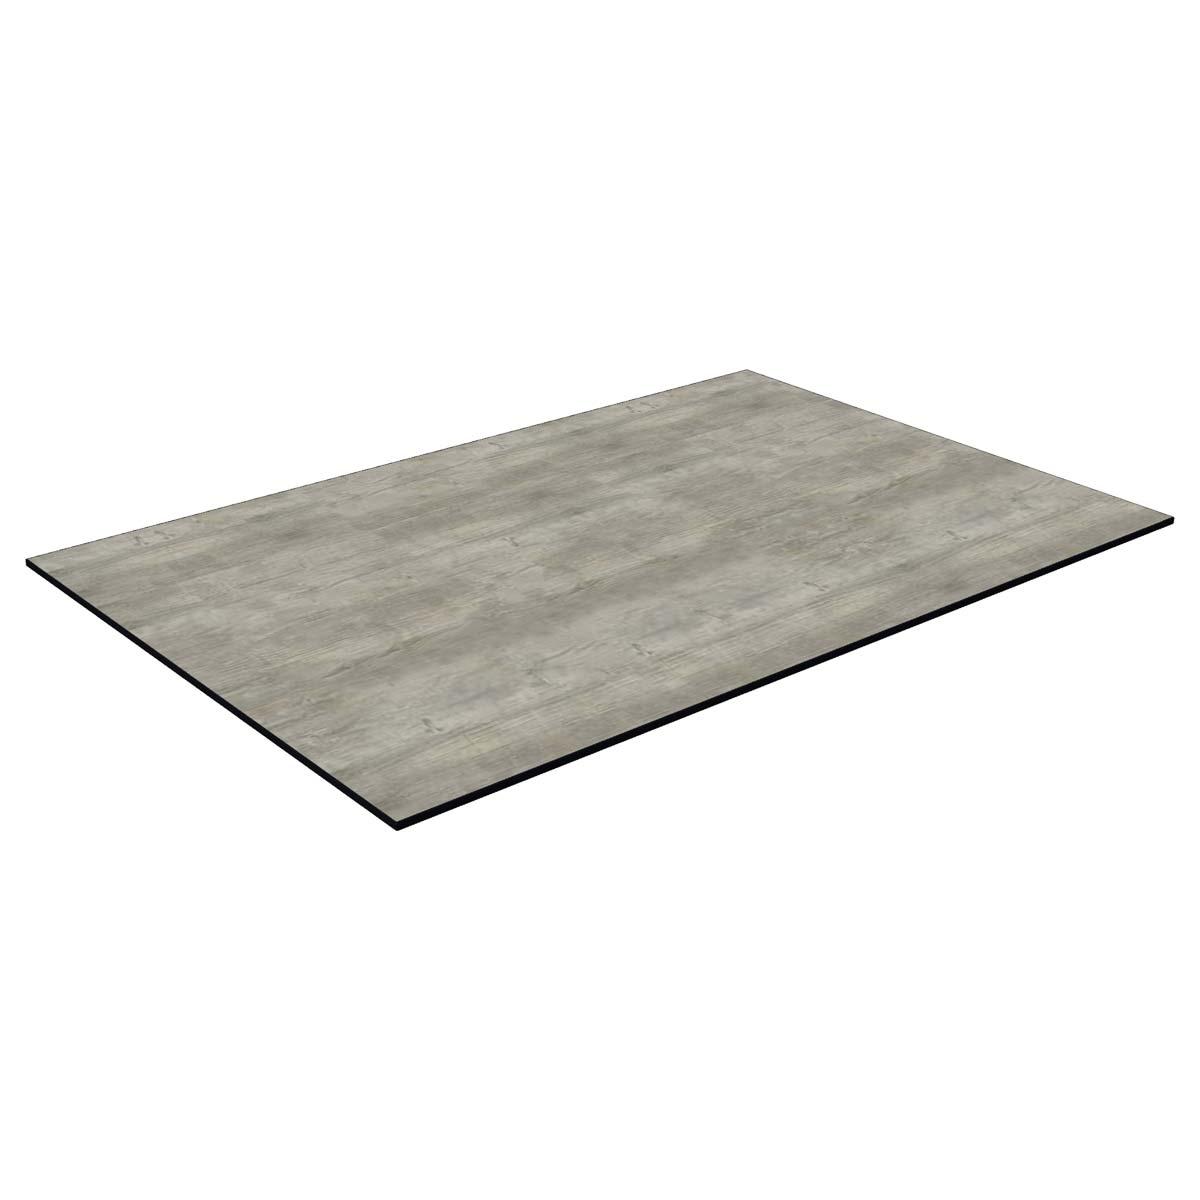 TICAR E120X80 178 - https://www.werzalit.com/fr/produit/plateau-de-table-carino-e-100x60-epaisseur-du-plateau-de-la-table-12mm-decor-178-ponderosa-weiss/